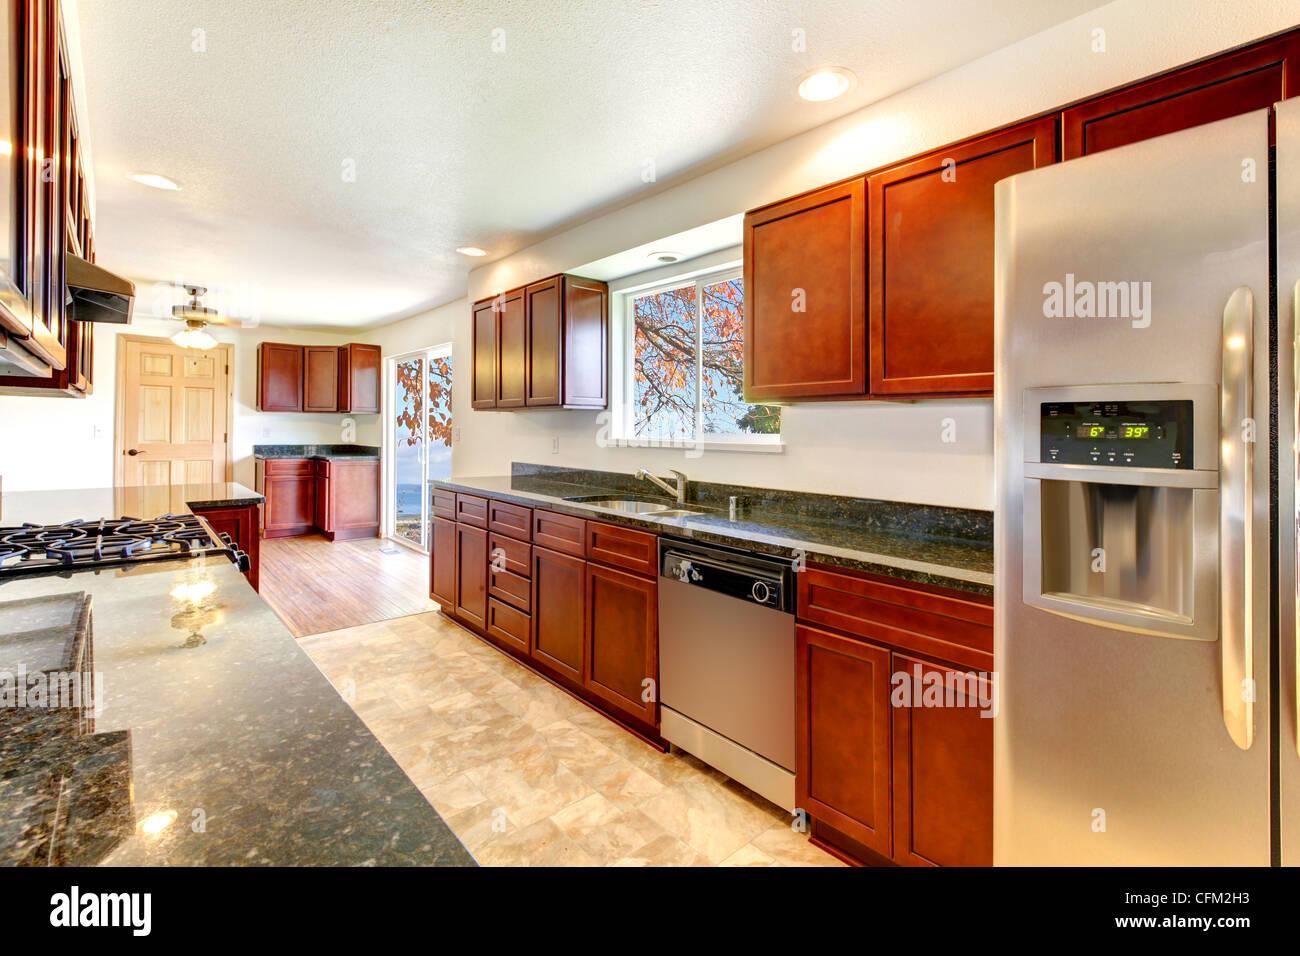 Große helle Küche mit dunkler Kirsche Schränke und Edelstahl Geräte ...